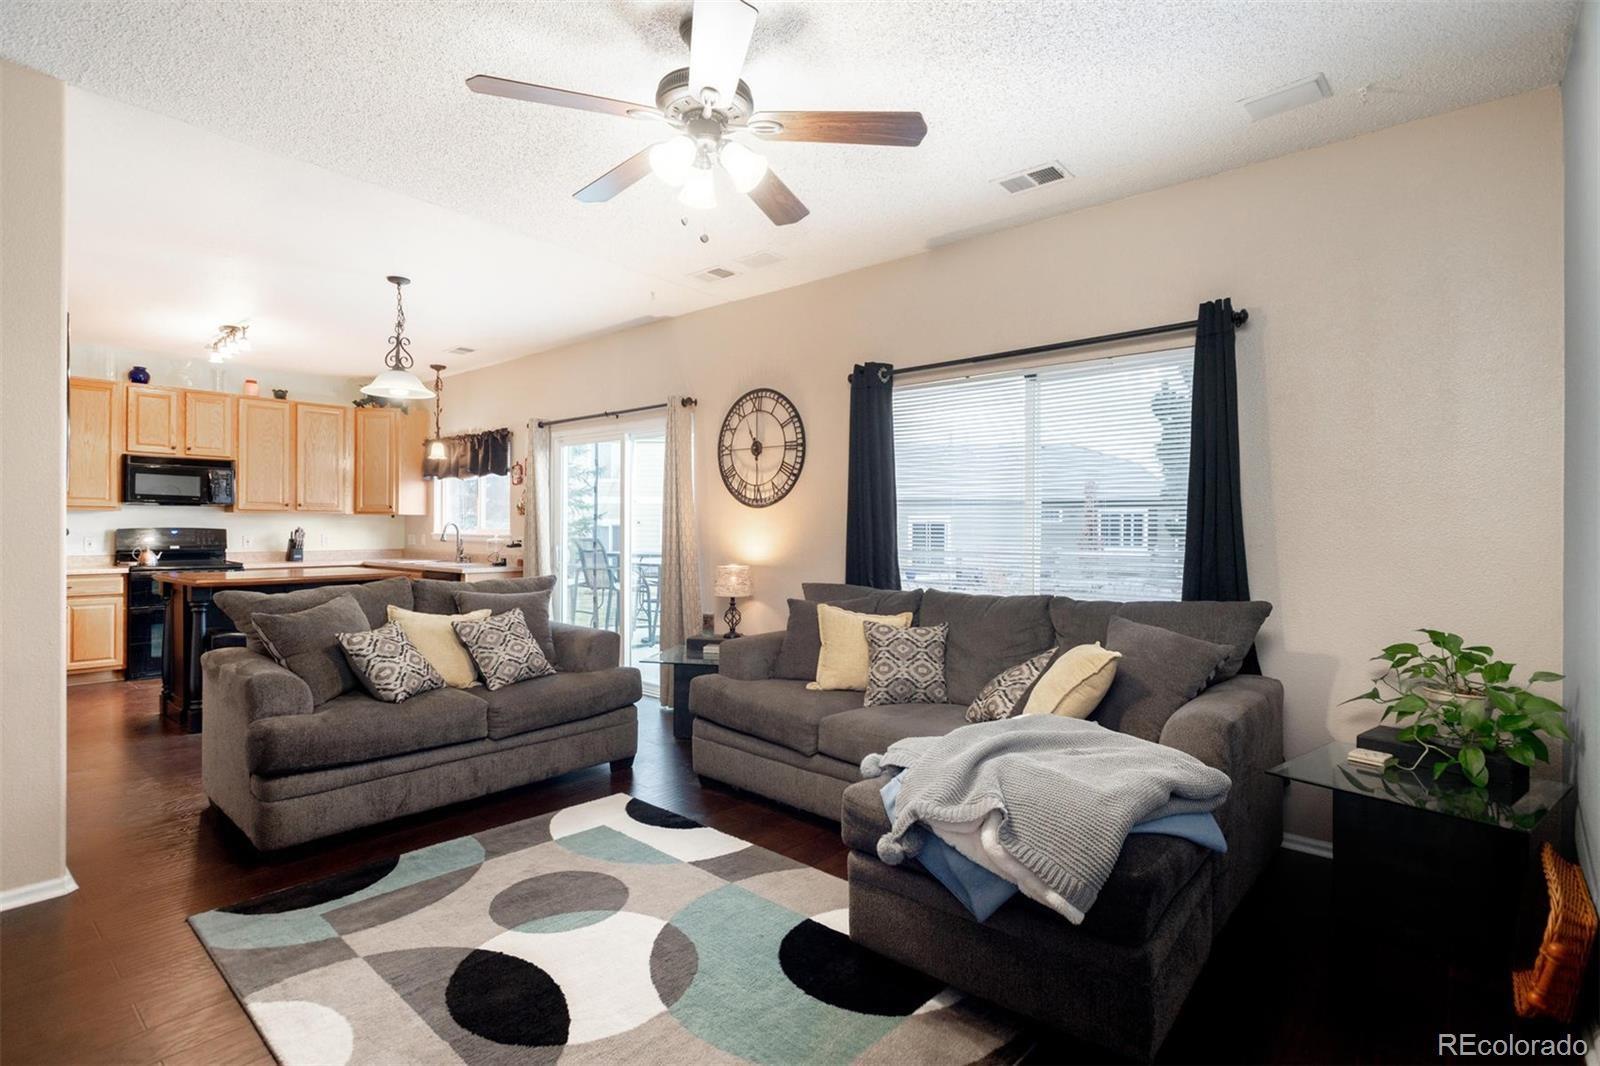 MLS# 8142011 - 9 - 19342 E 58th Place, Aurora, CO 80019